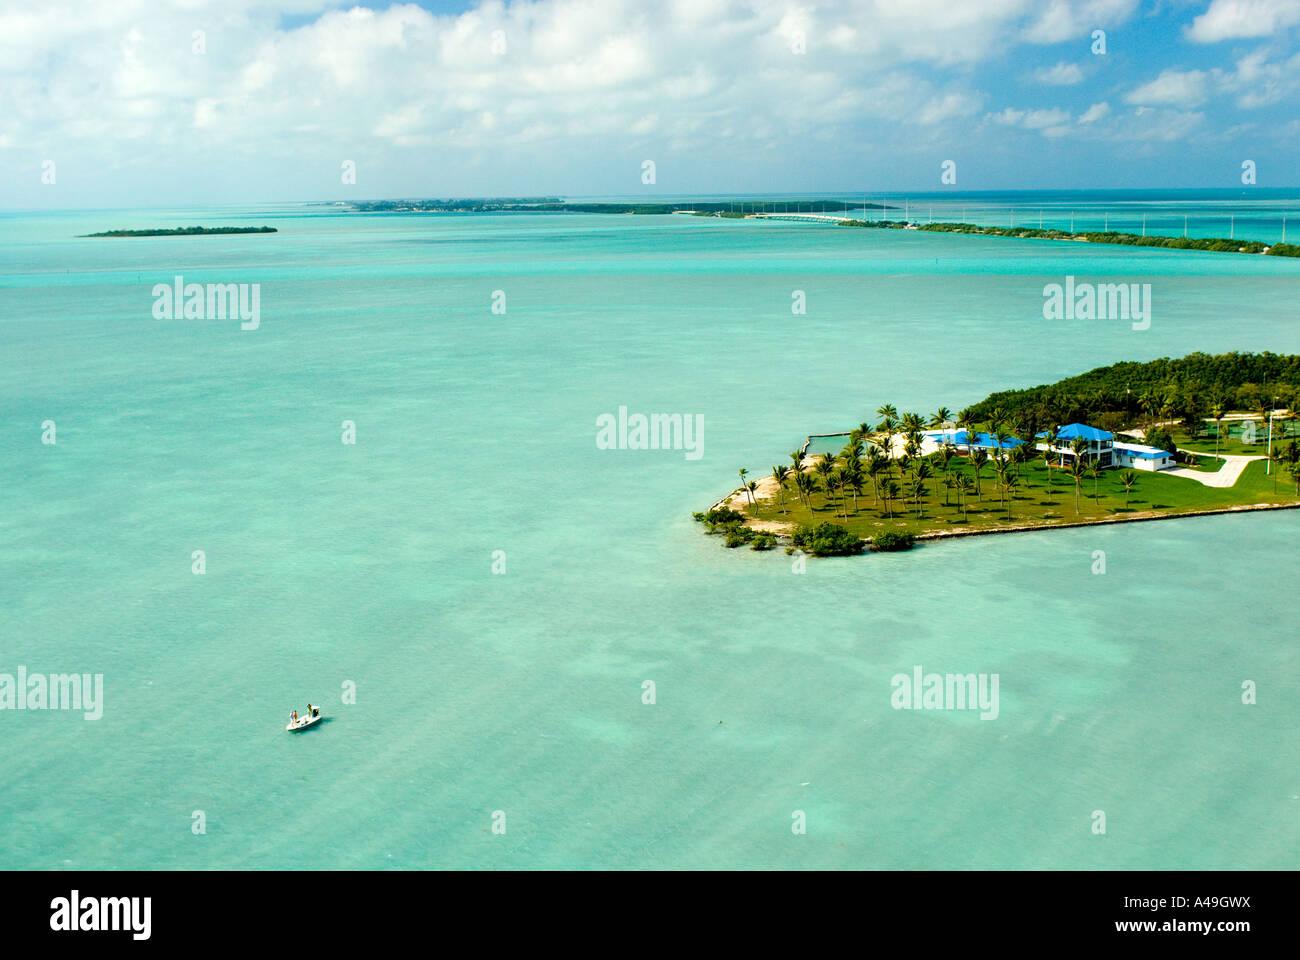 Usa florida keys aerial view of paradise island fishing for Florida keys bridge fishing